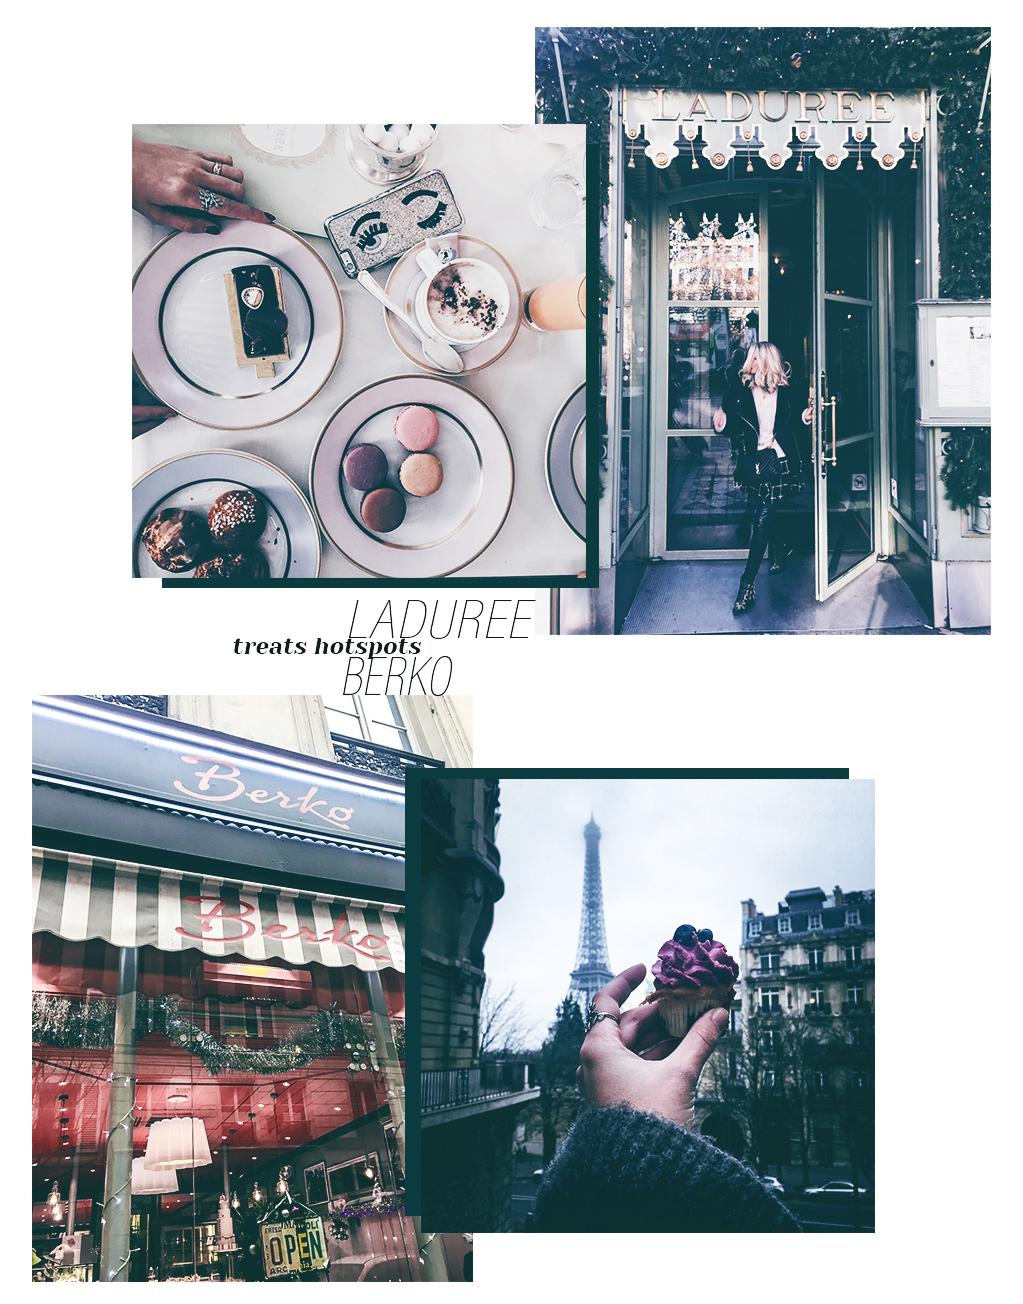 Berko Cupcakes Paris Laduree Frühstück reservieren Macarons Travel Blogger Paris